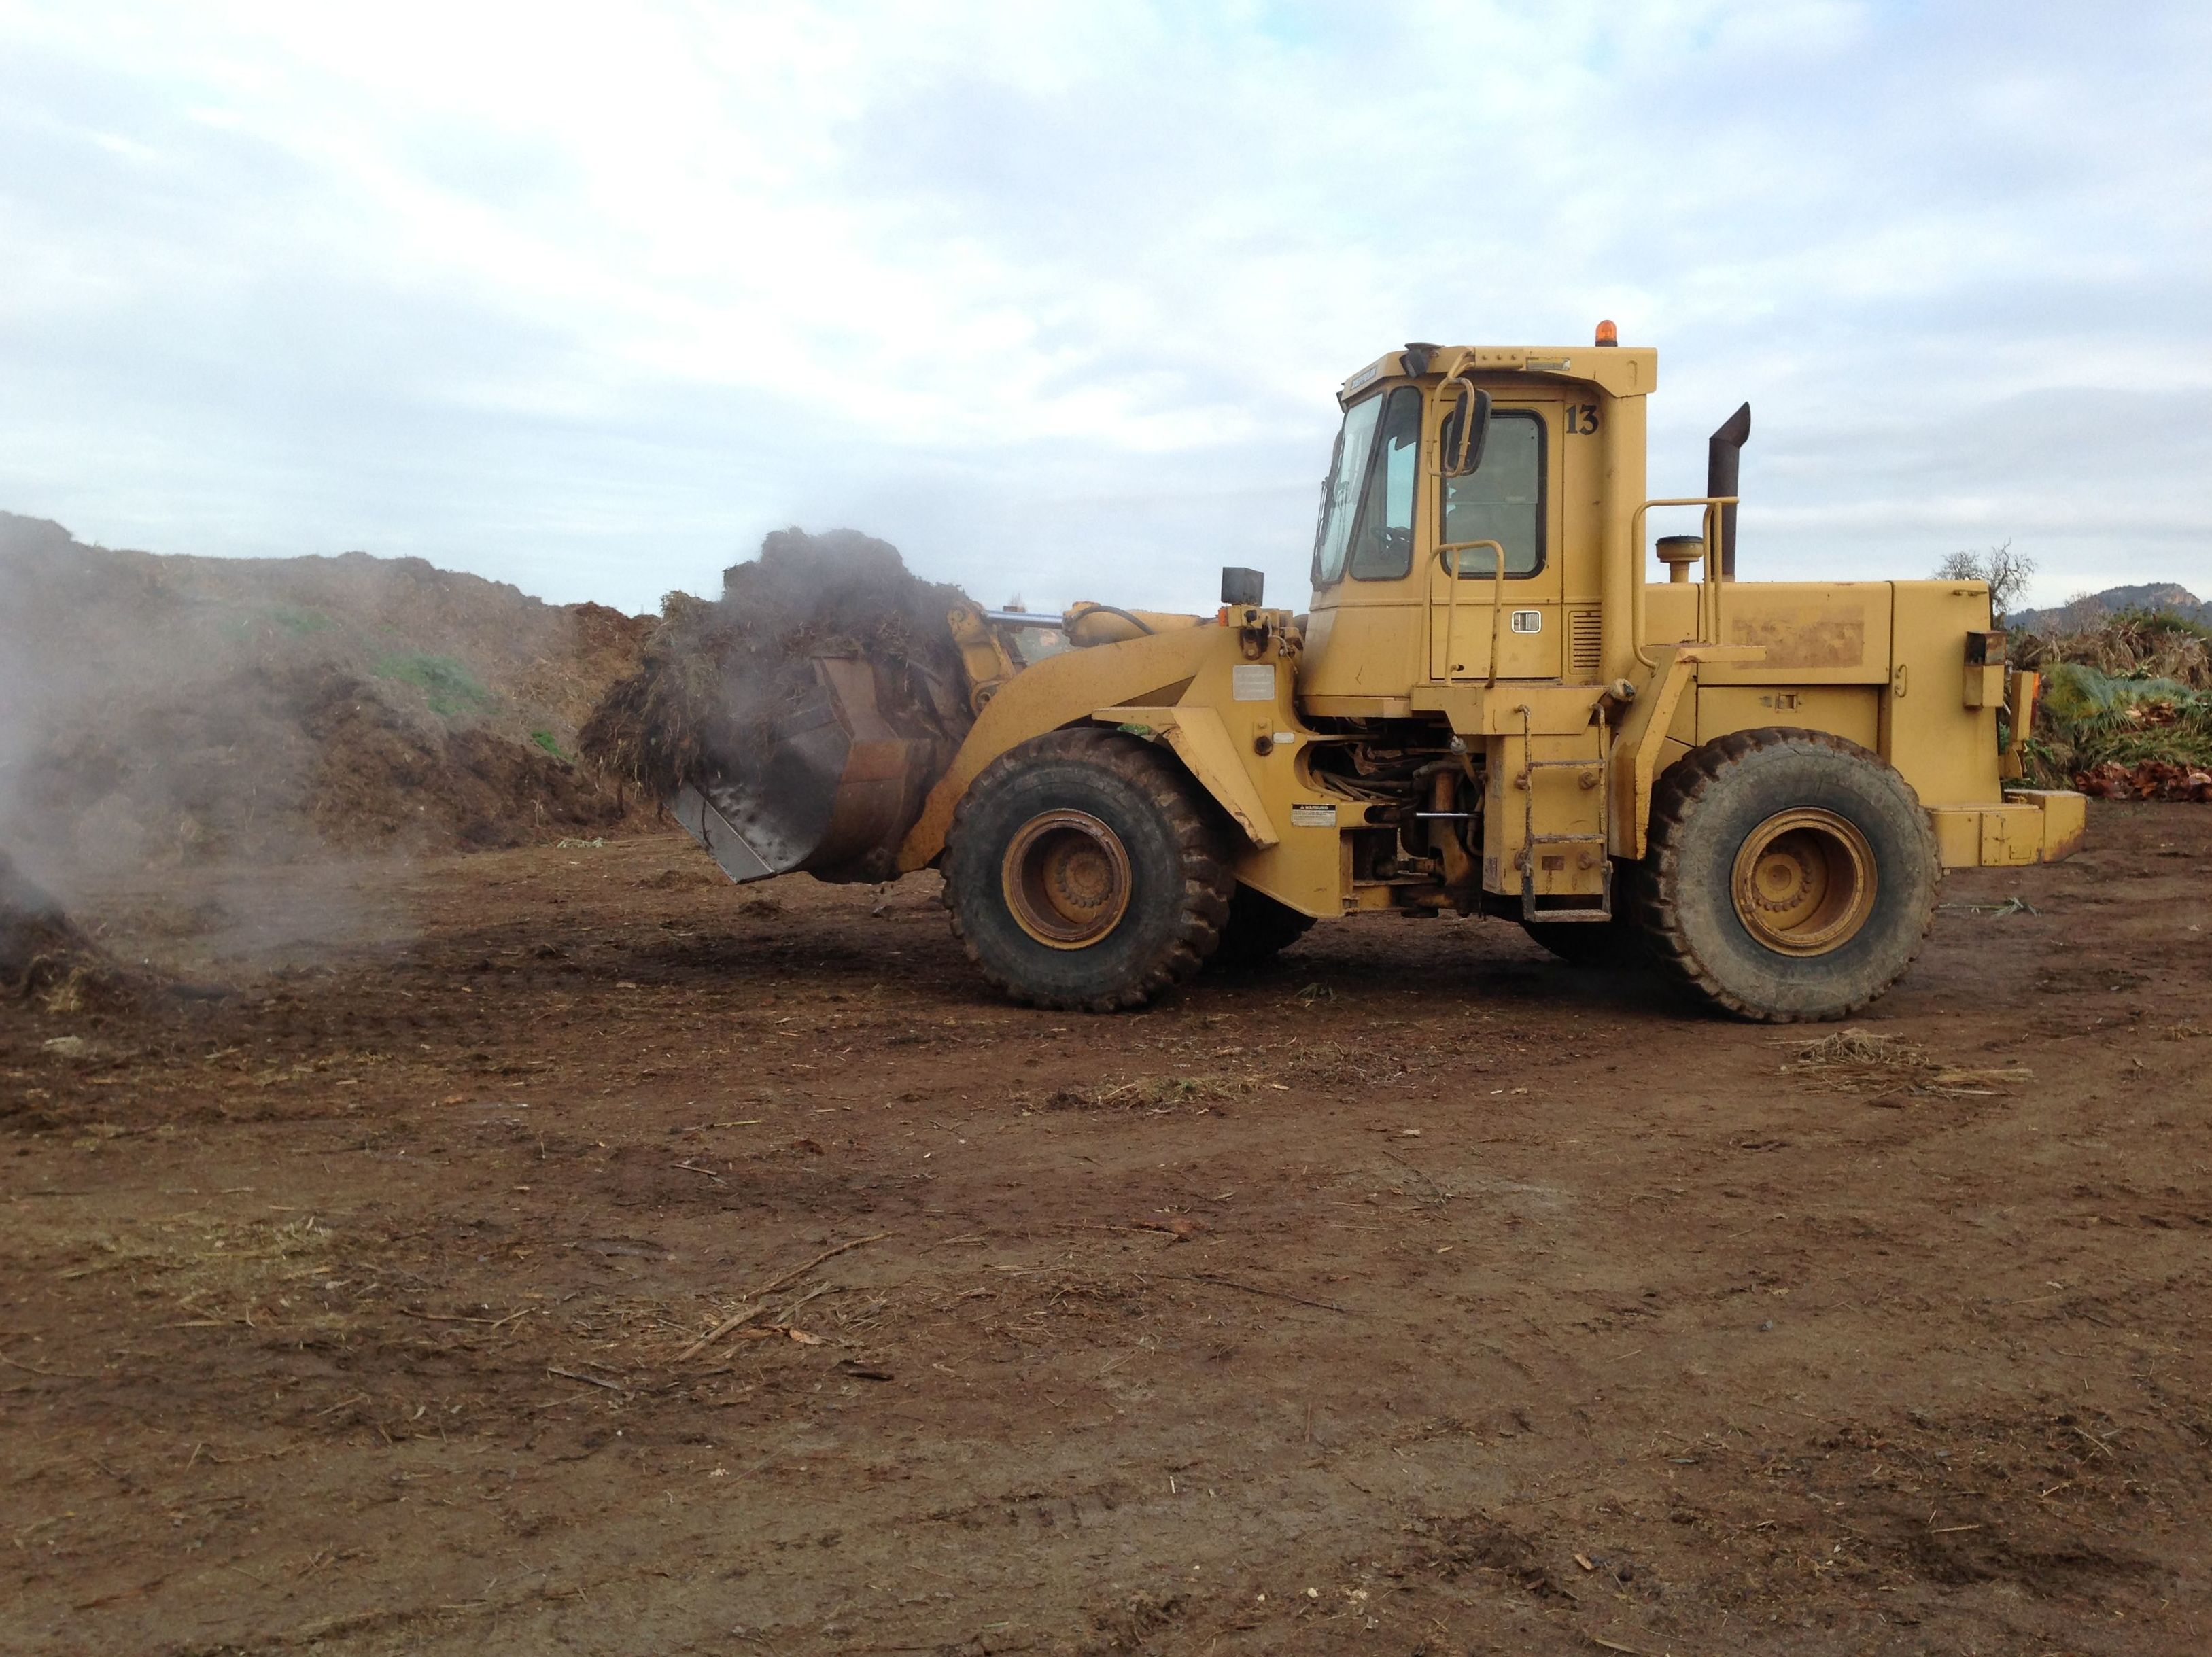 Foto 9 de Venta de material de construcción en Son Servera | Grupo Pallicer